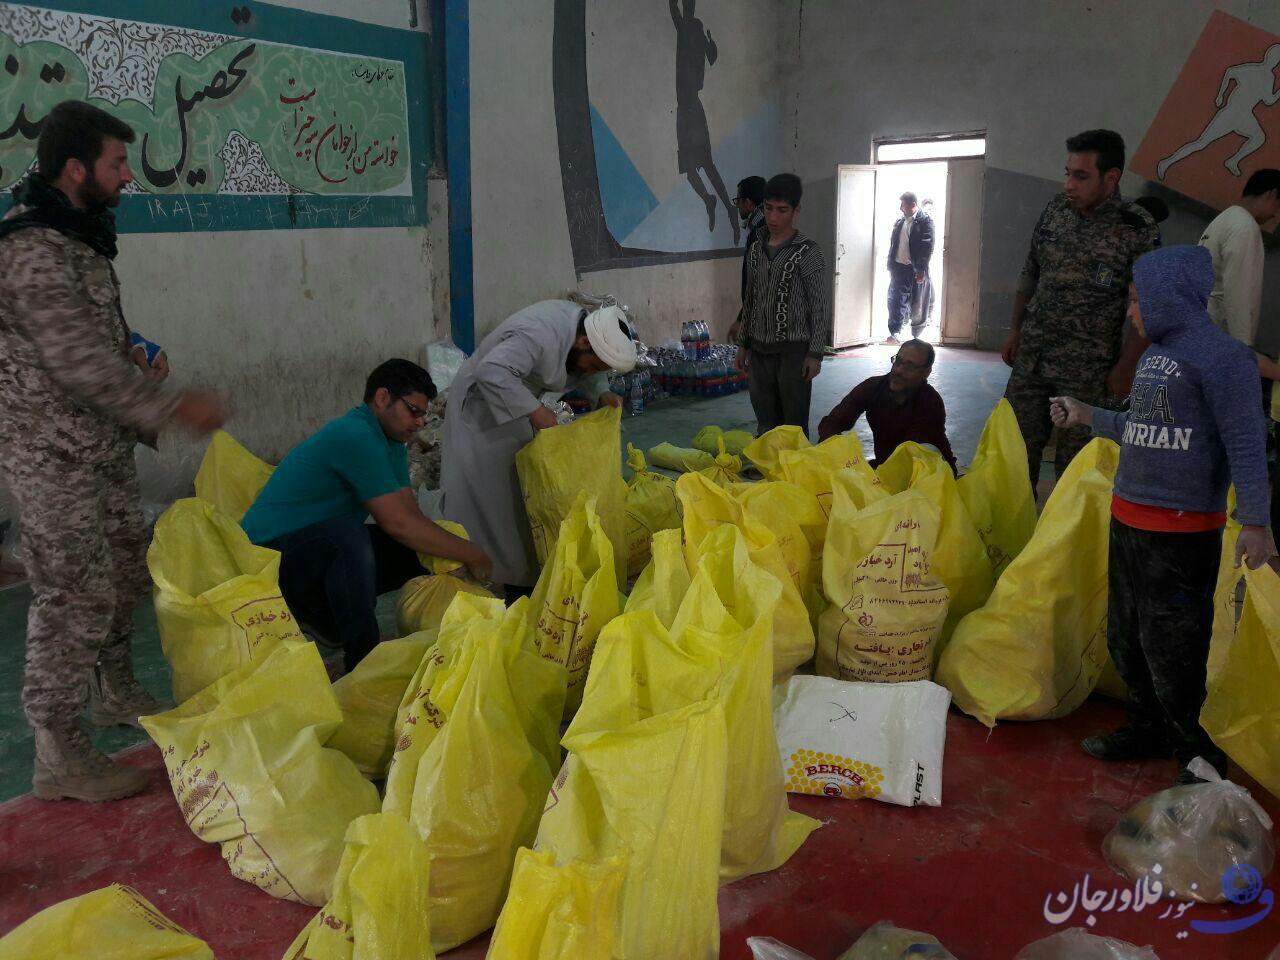 فلاورجان  / اولین محموله کمک های مردمی روستای هویه به سیل زدگان دراستان لرستان ارسال شد